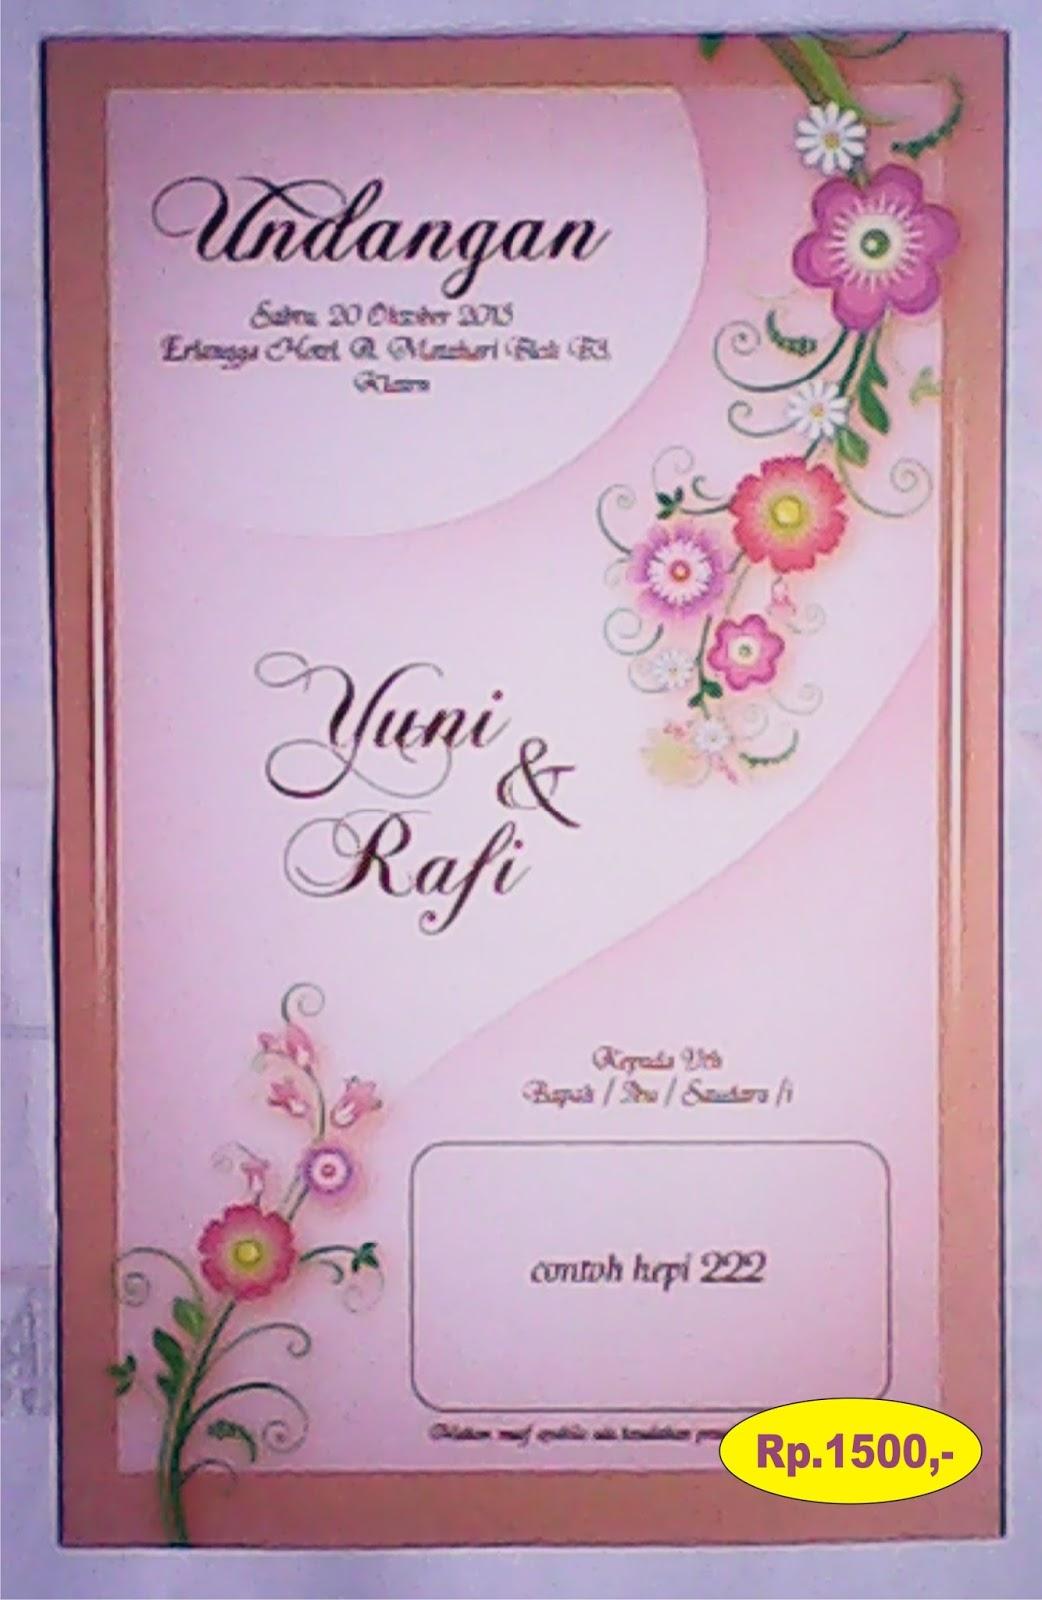 Kartu Undangan Pernikahan Harga Mulai Rp Seribu Rupiah